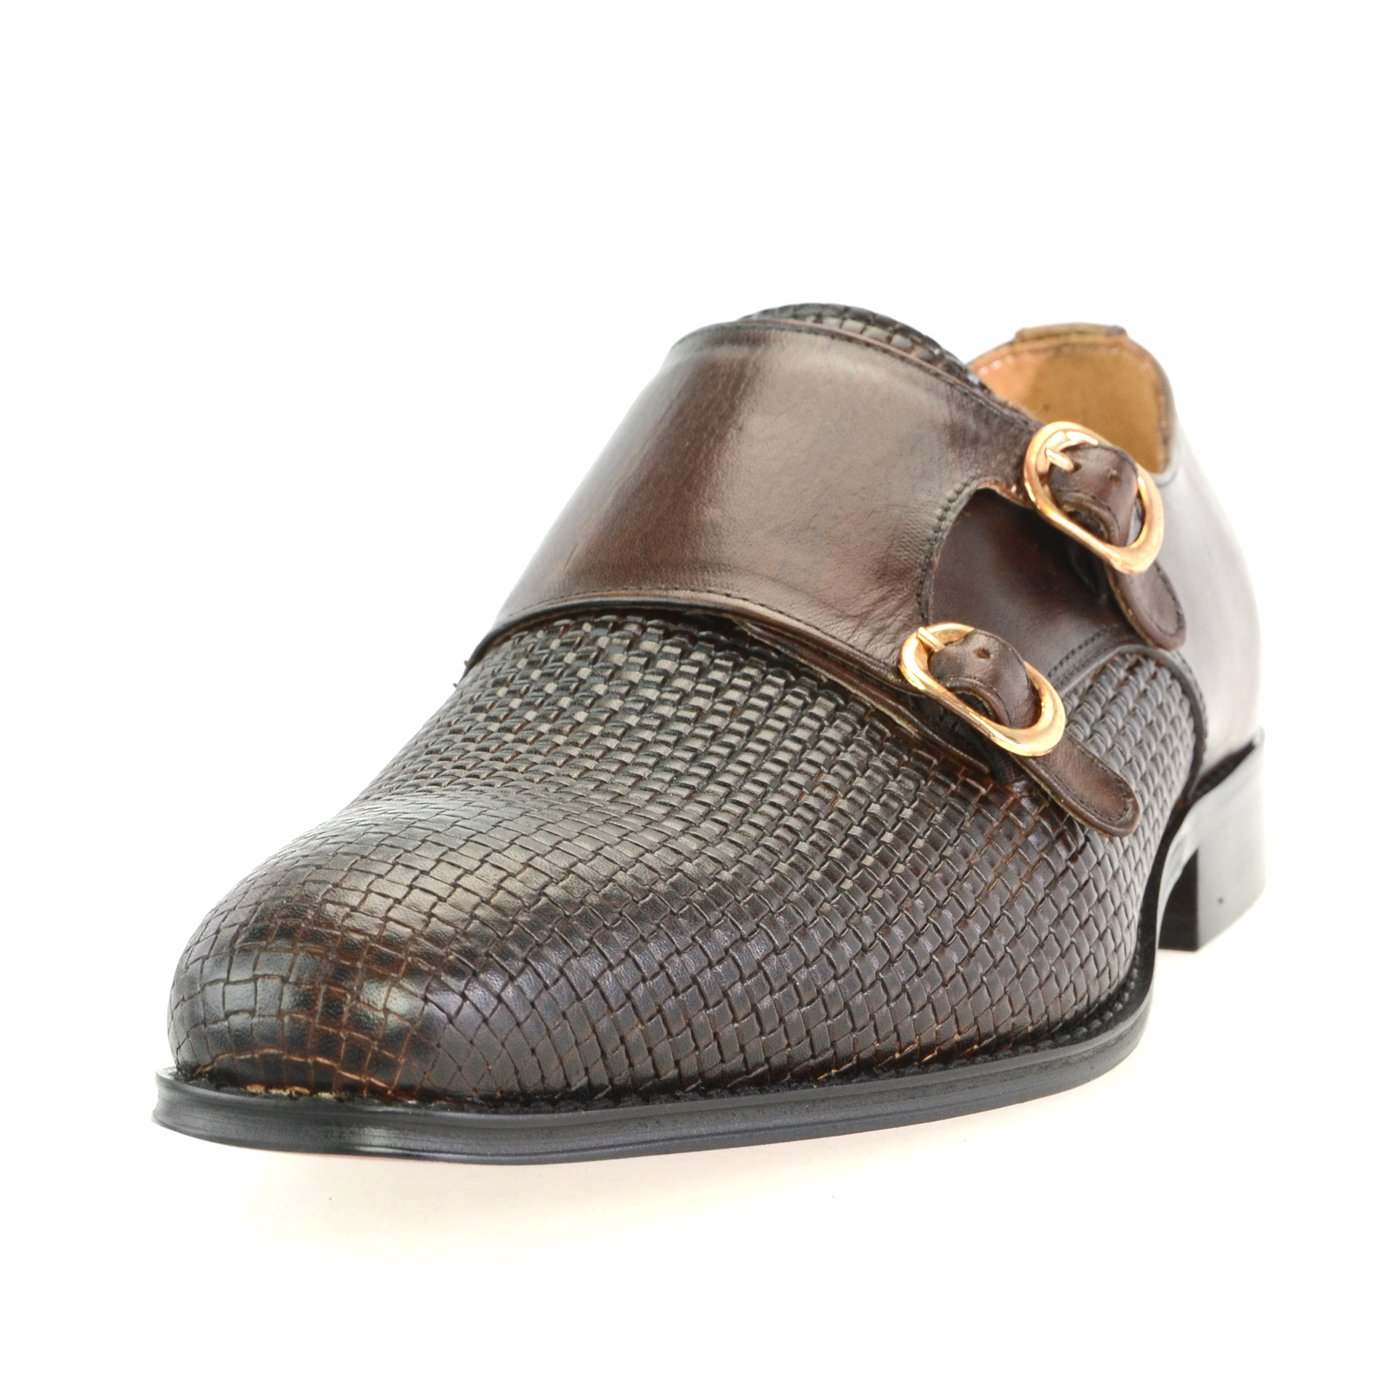 【良好品】 [ルシウス] 本革 革靴 20種類から選ぶ 紳士靴 レザー レザー メンズ ダブル モンクストラップ メダリオン ストレートチップ 革靴 紳士靴 B076DXFFBR Y08-80 コーヒー 24.5 cm 3E 24.5 cm 3E|Y08-80 コーヒー, 暮らしと眠りを楽しむ店 和っふる:0722debd --- ballyshannonshow.com